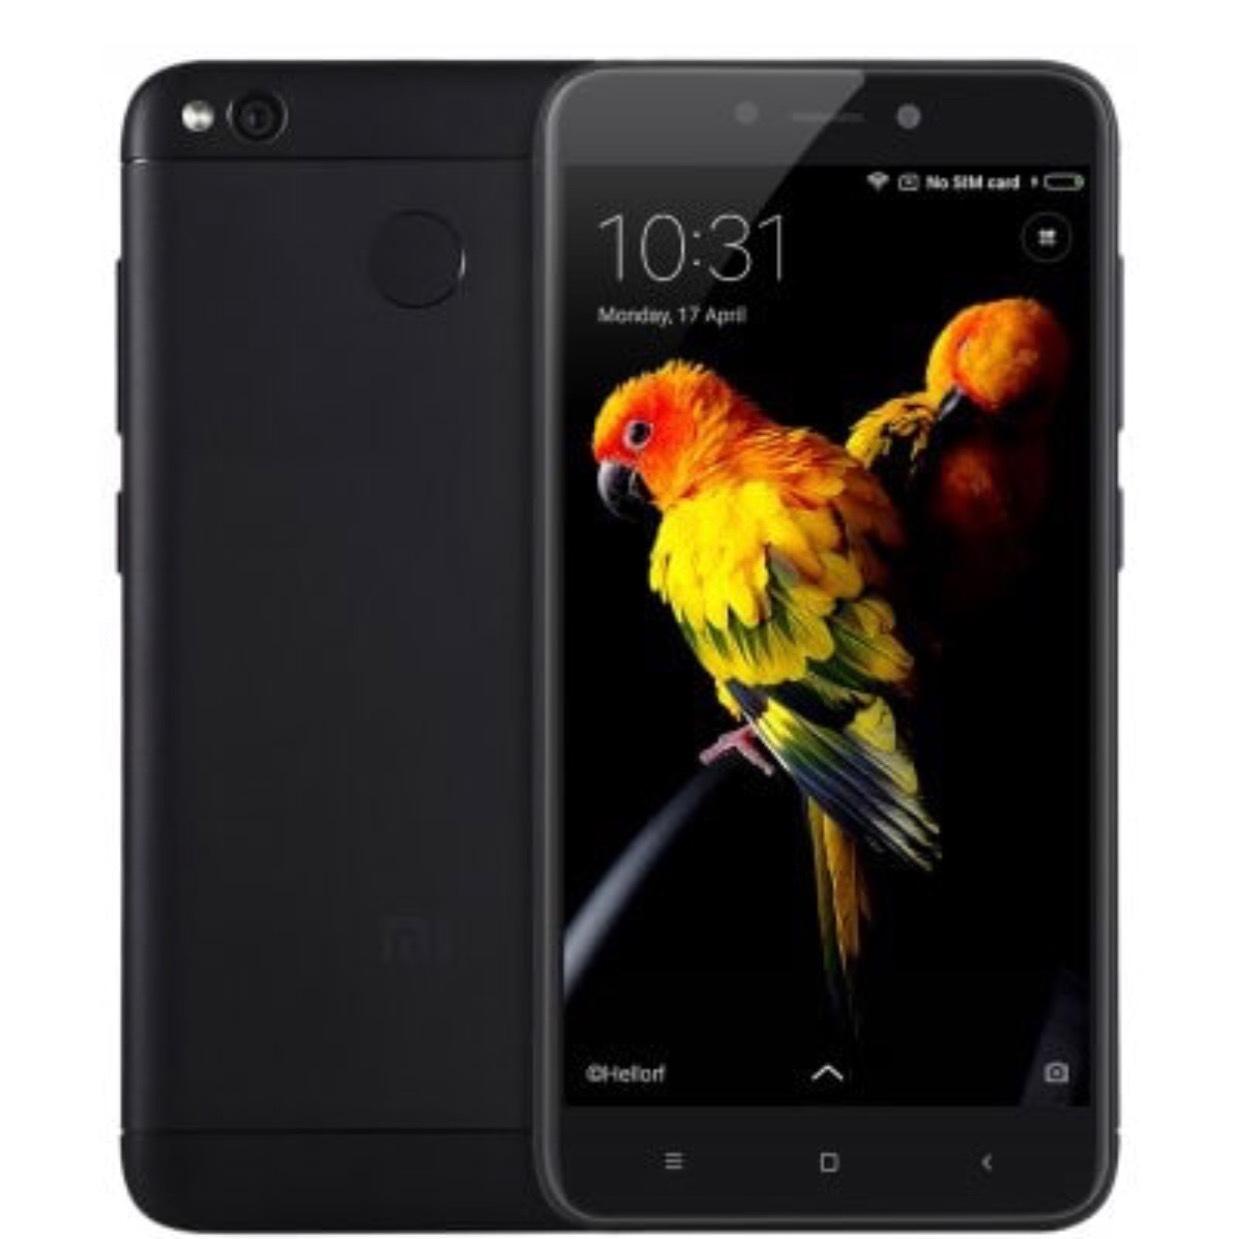 [Gearbest] nur 50 Stück! Xiaomi Redmi 4X Global (Band 20, Schwarz, 3/32GB) für 105€